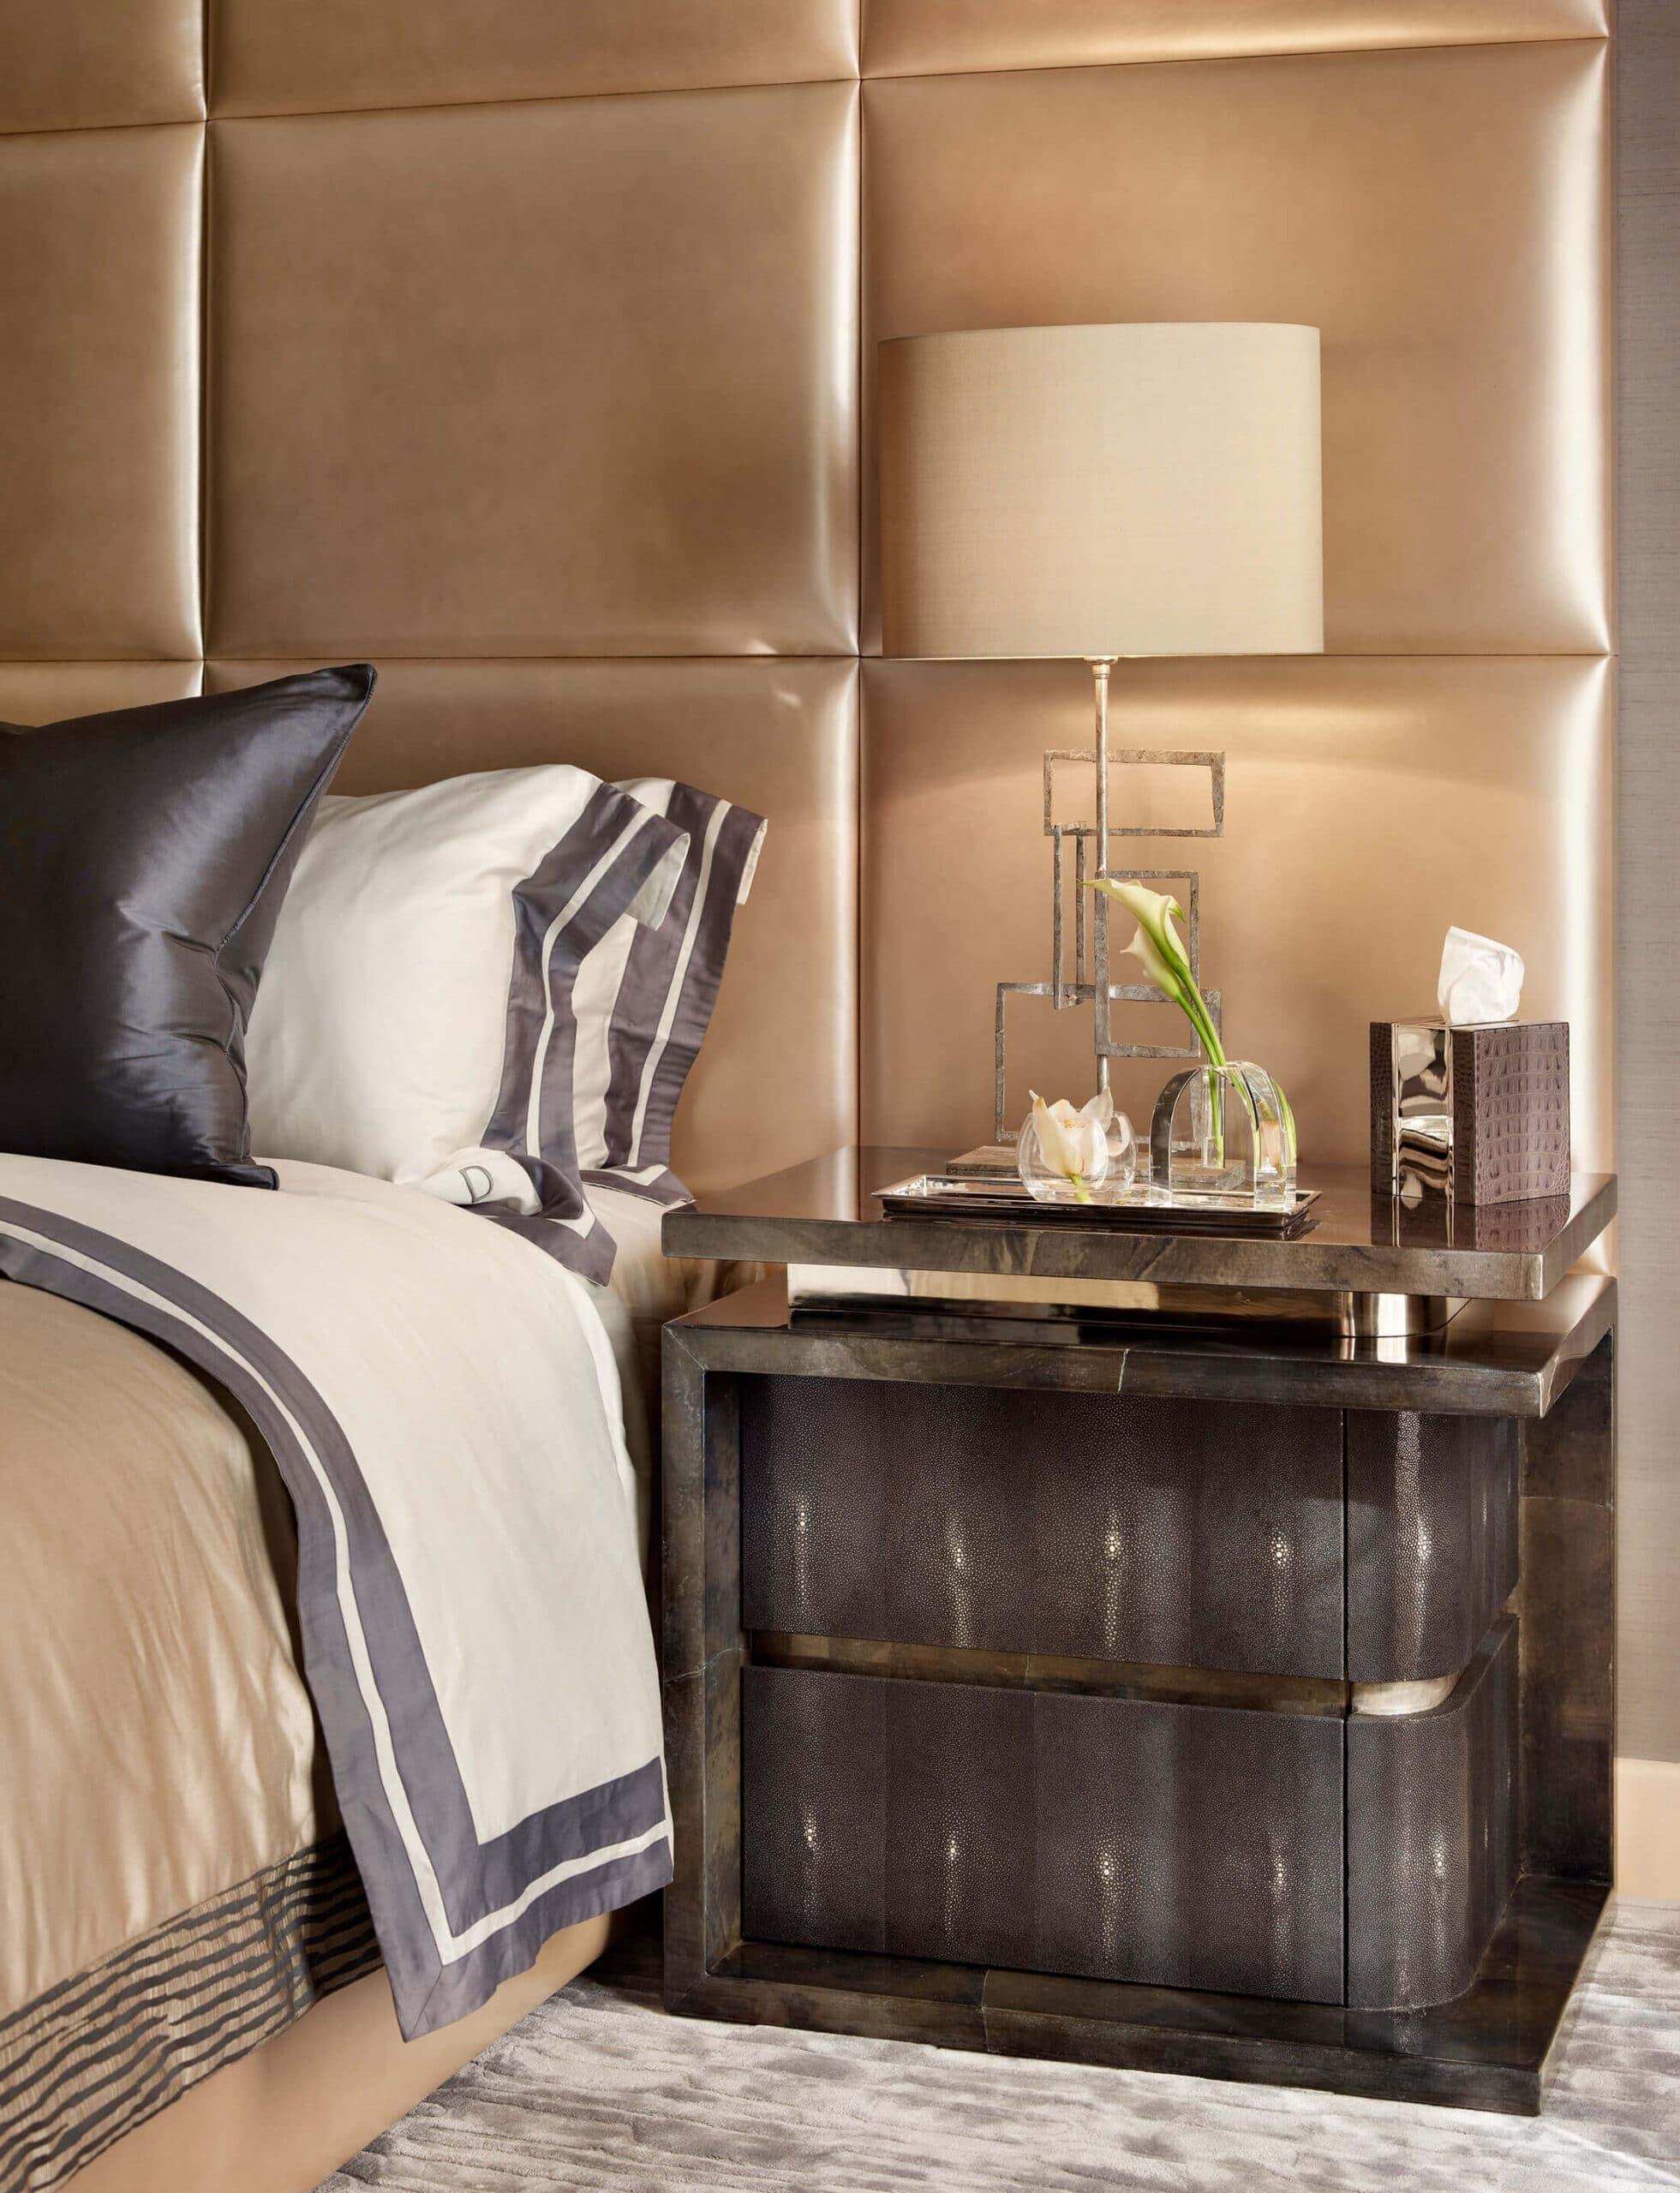 luxury interior shot of bedroom in Qatar